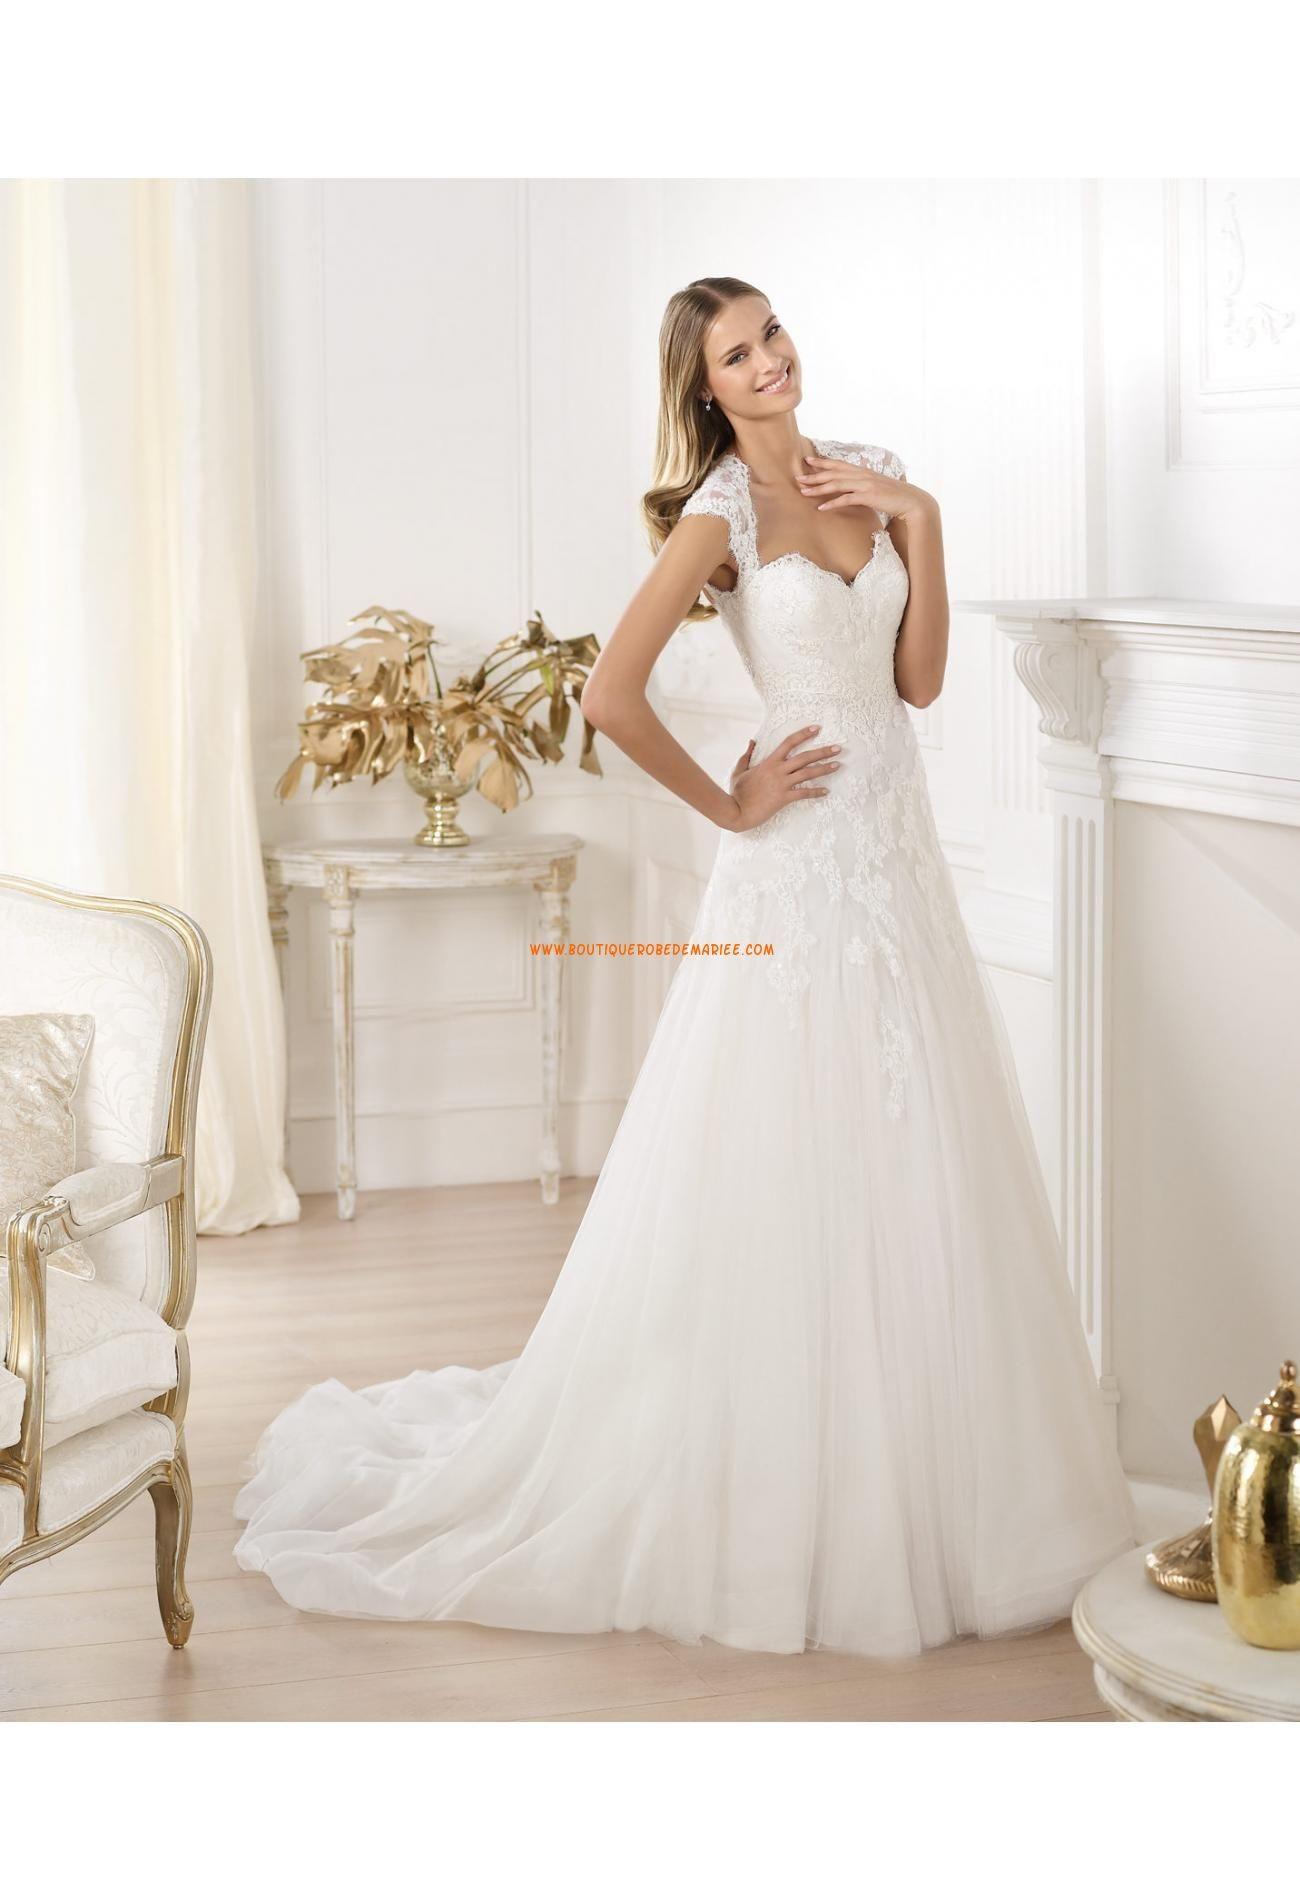 Robe de mariee avec manche courte dentelle